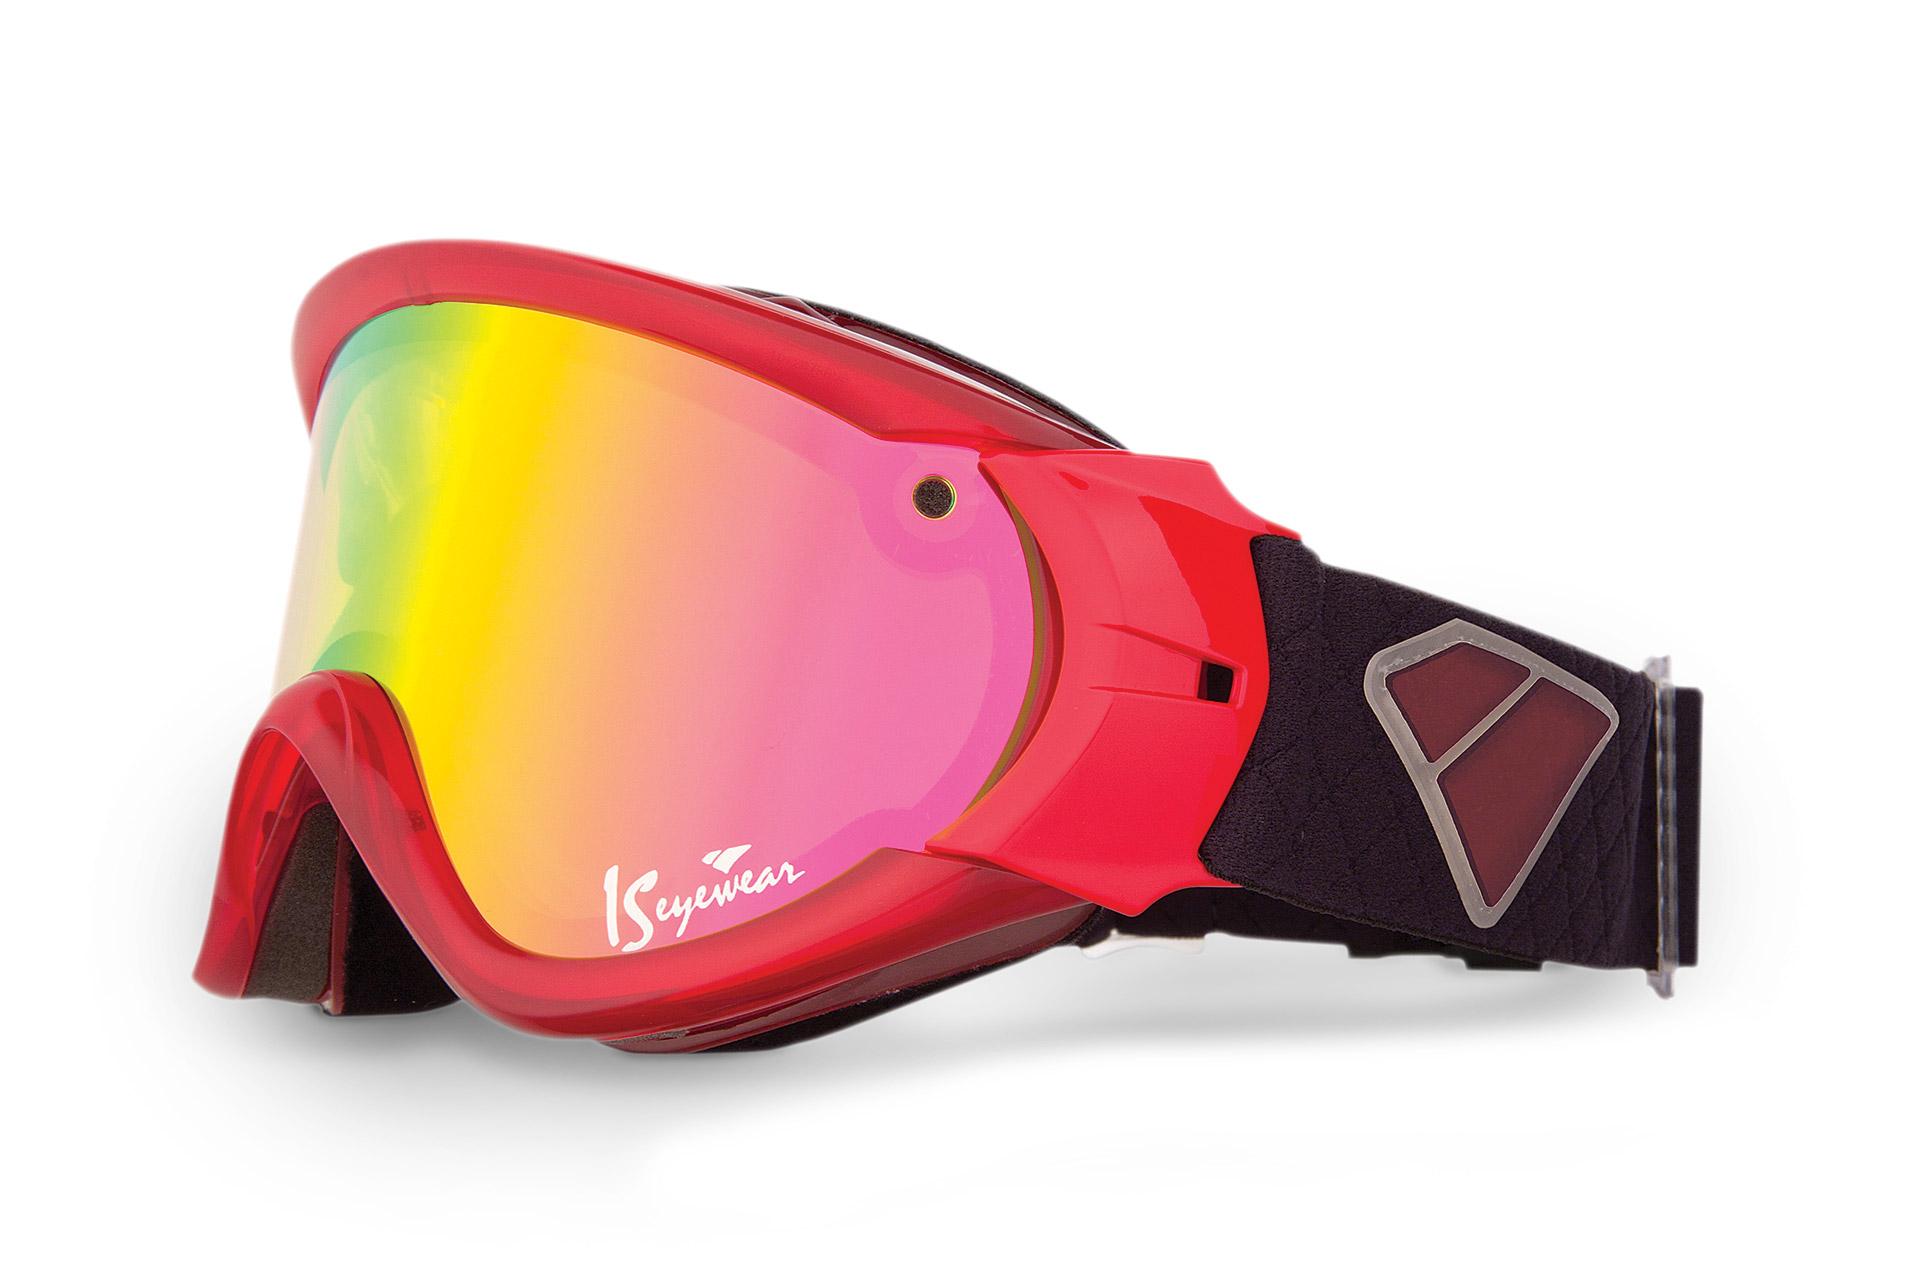 Is Eyewear Type R Crystal Red